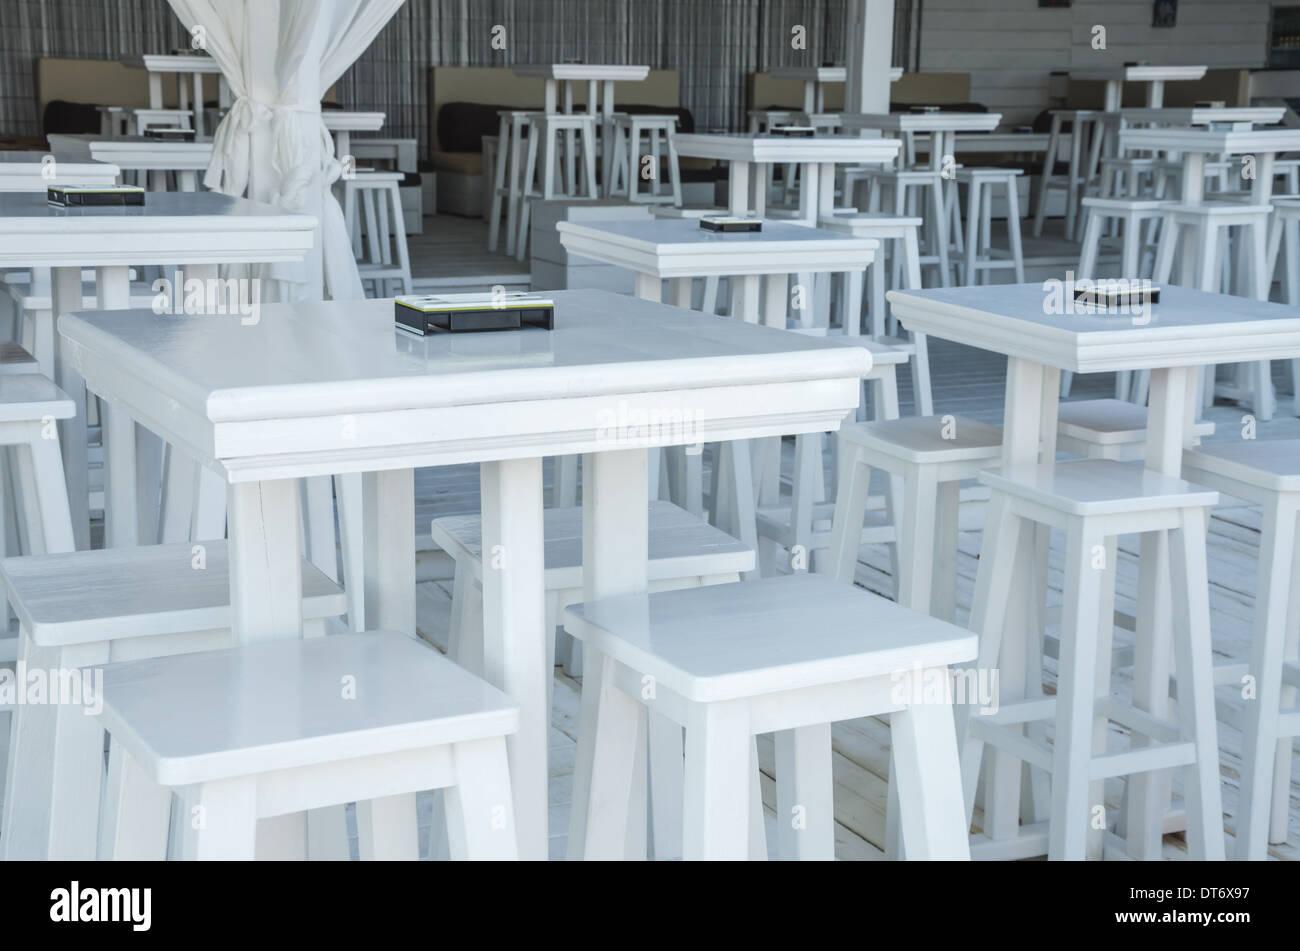 Bianco e sgabelli tavoli in bar sulla spiaggia foto & immagine stock